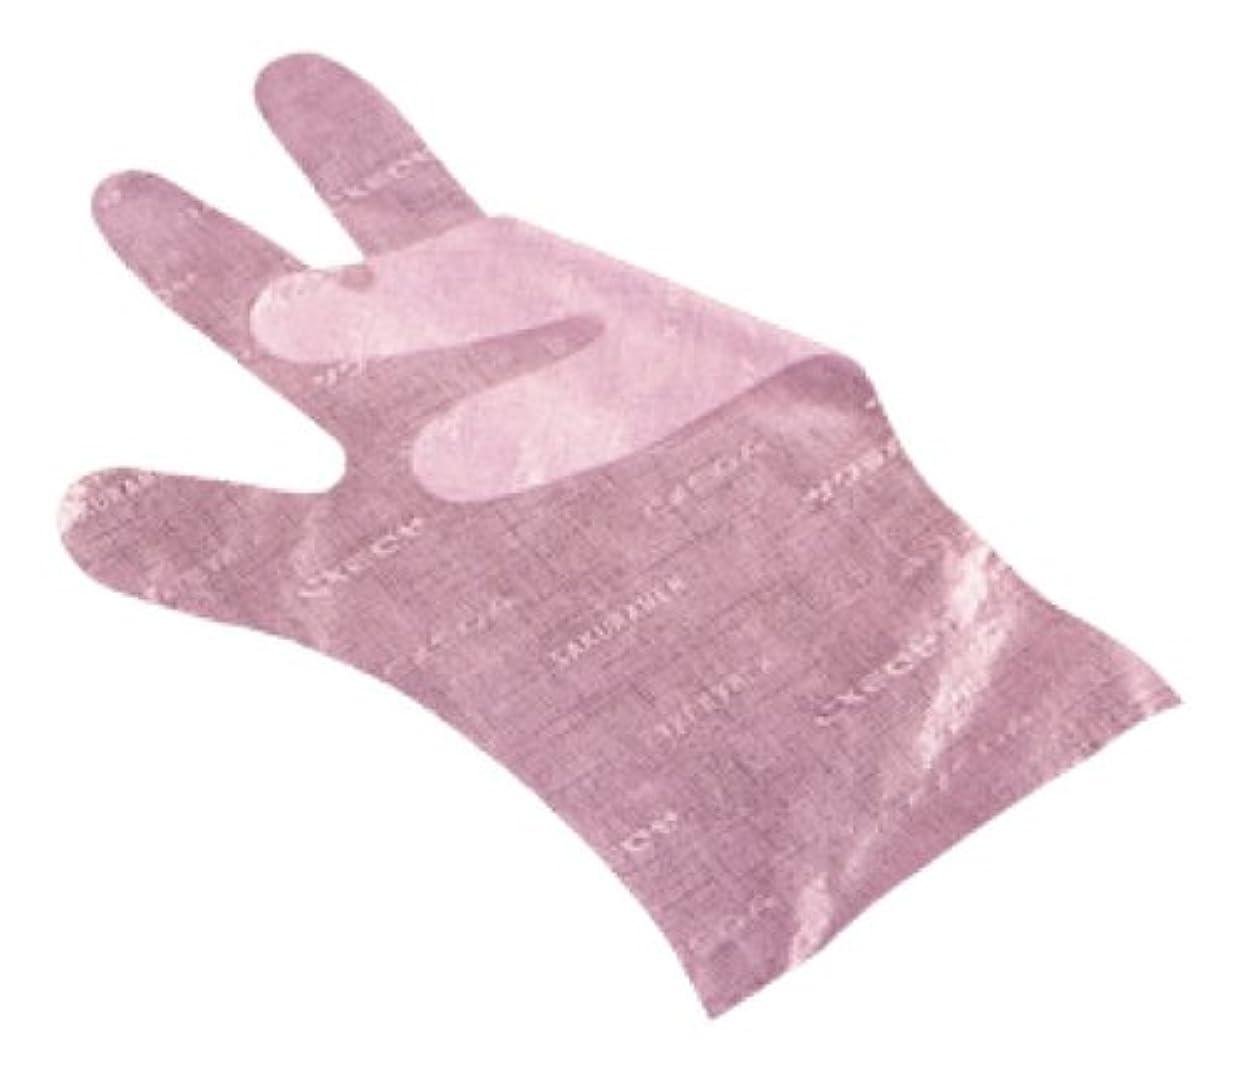 廃止プロフィール王室サクラメン手袋 デラックス(100枚入)S ピンク 35μ